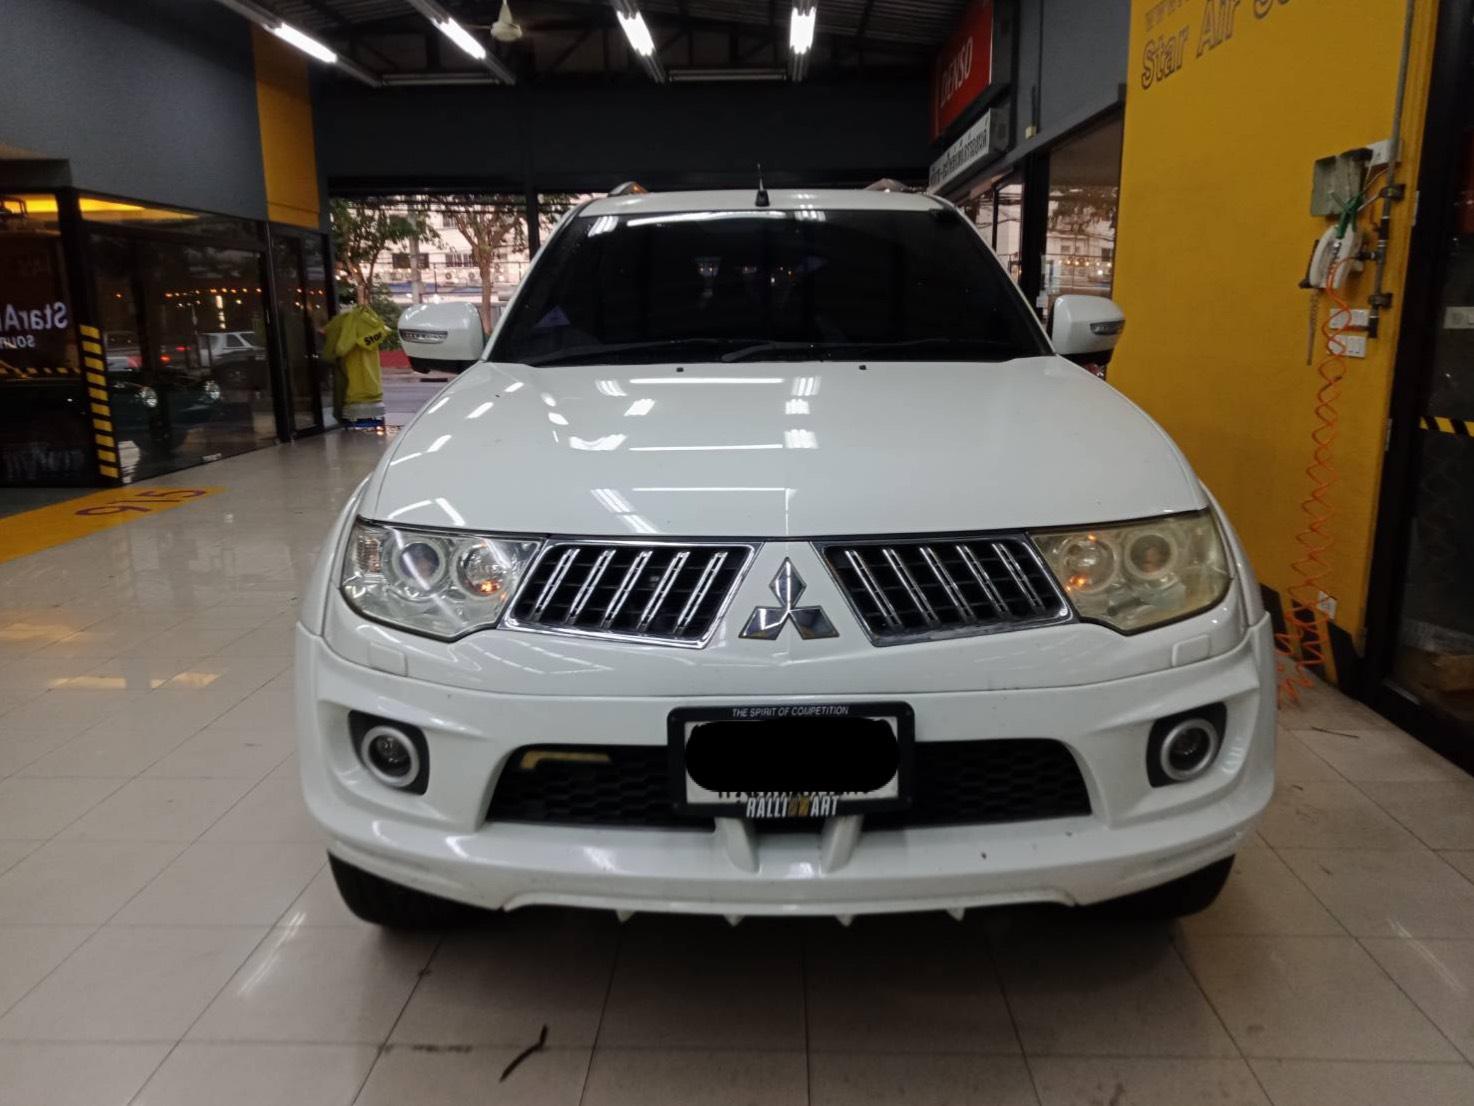 ซ่อมแอร์รถยนต์ Mitsubishi Pajero